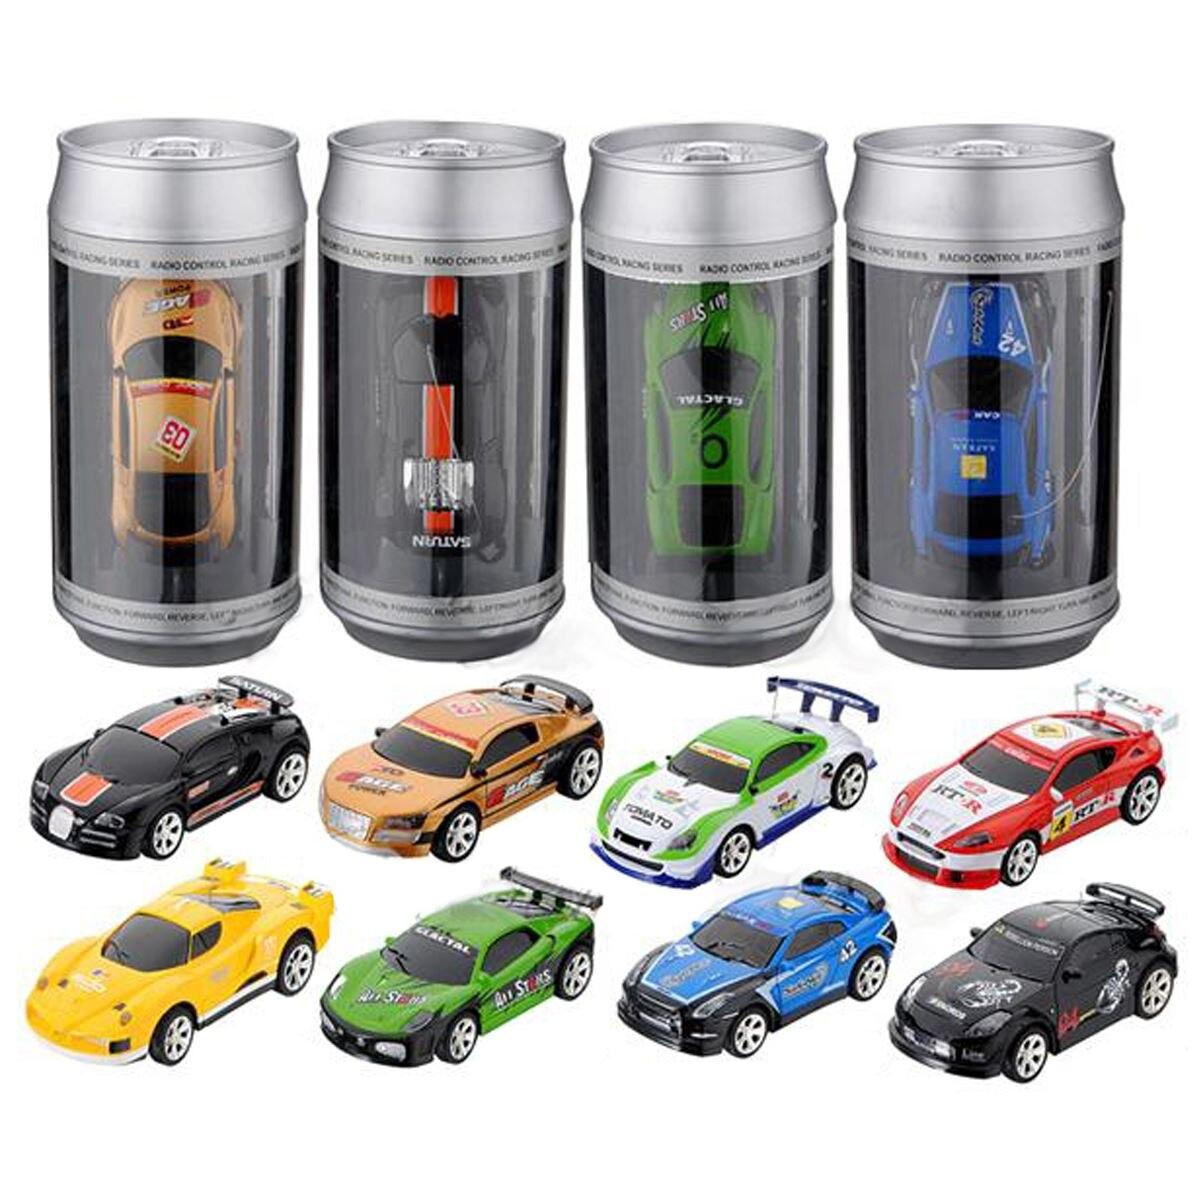 8 Vendite Calde di Colori 20 KM/H Coke Può Mini RC Auto Radio Remote Control Micro Car Racing 4 Frequenze Giocattolo Per bambini